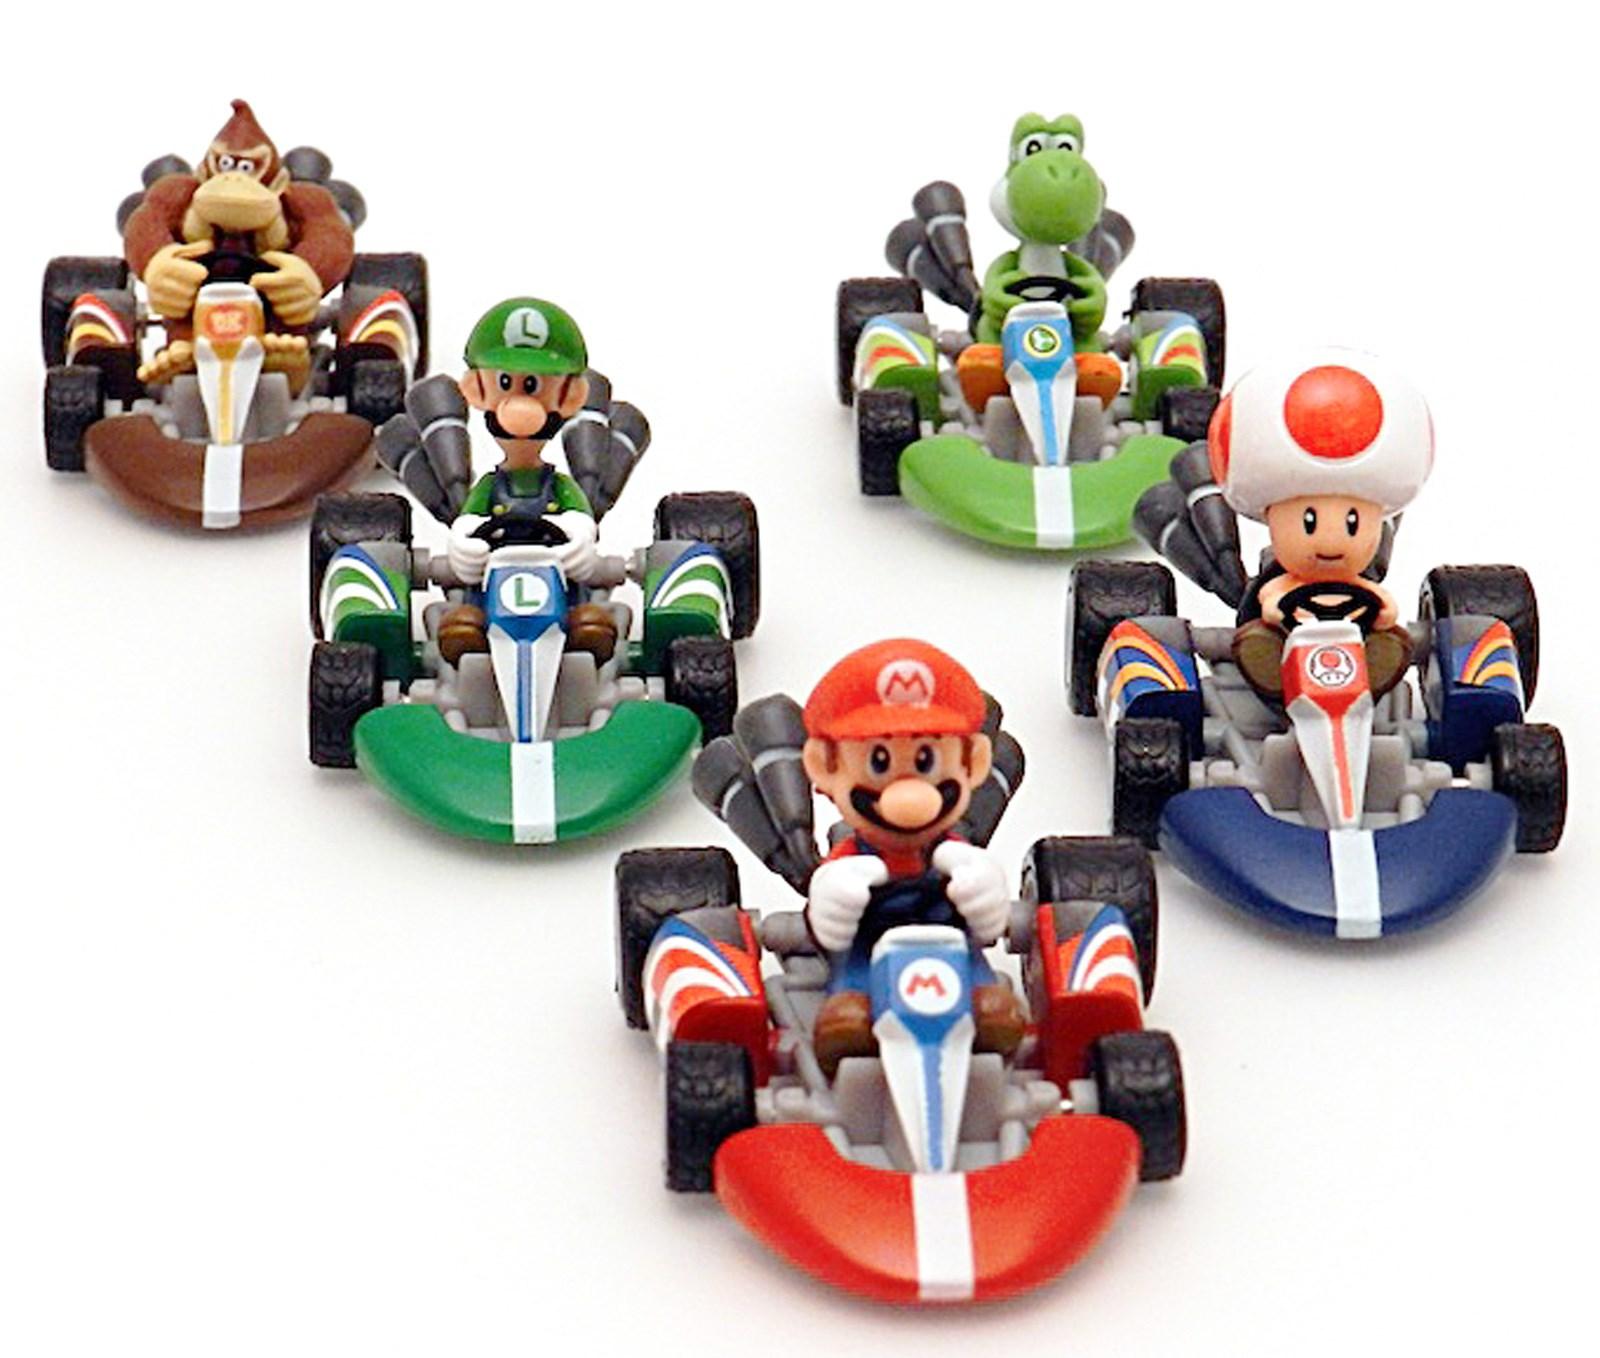 Image of Mario Kart Die Cast Car